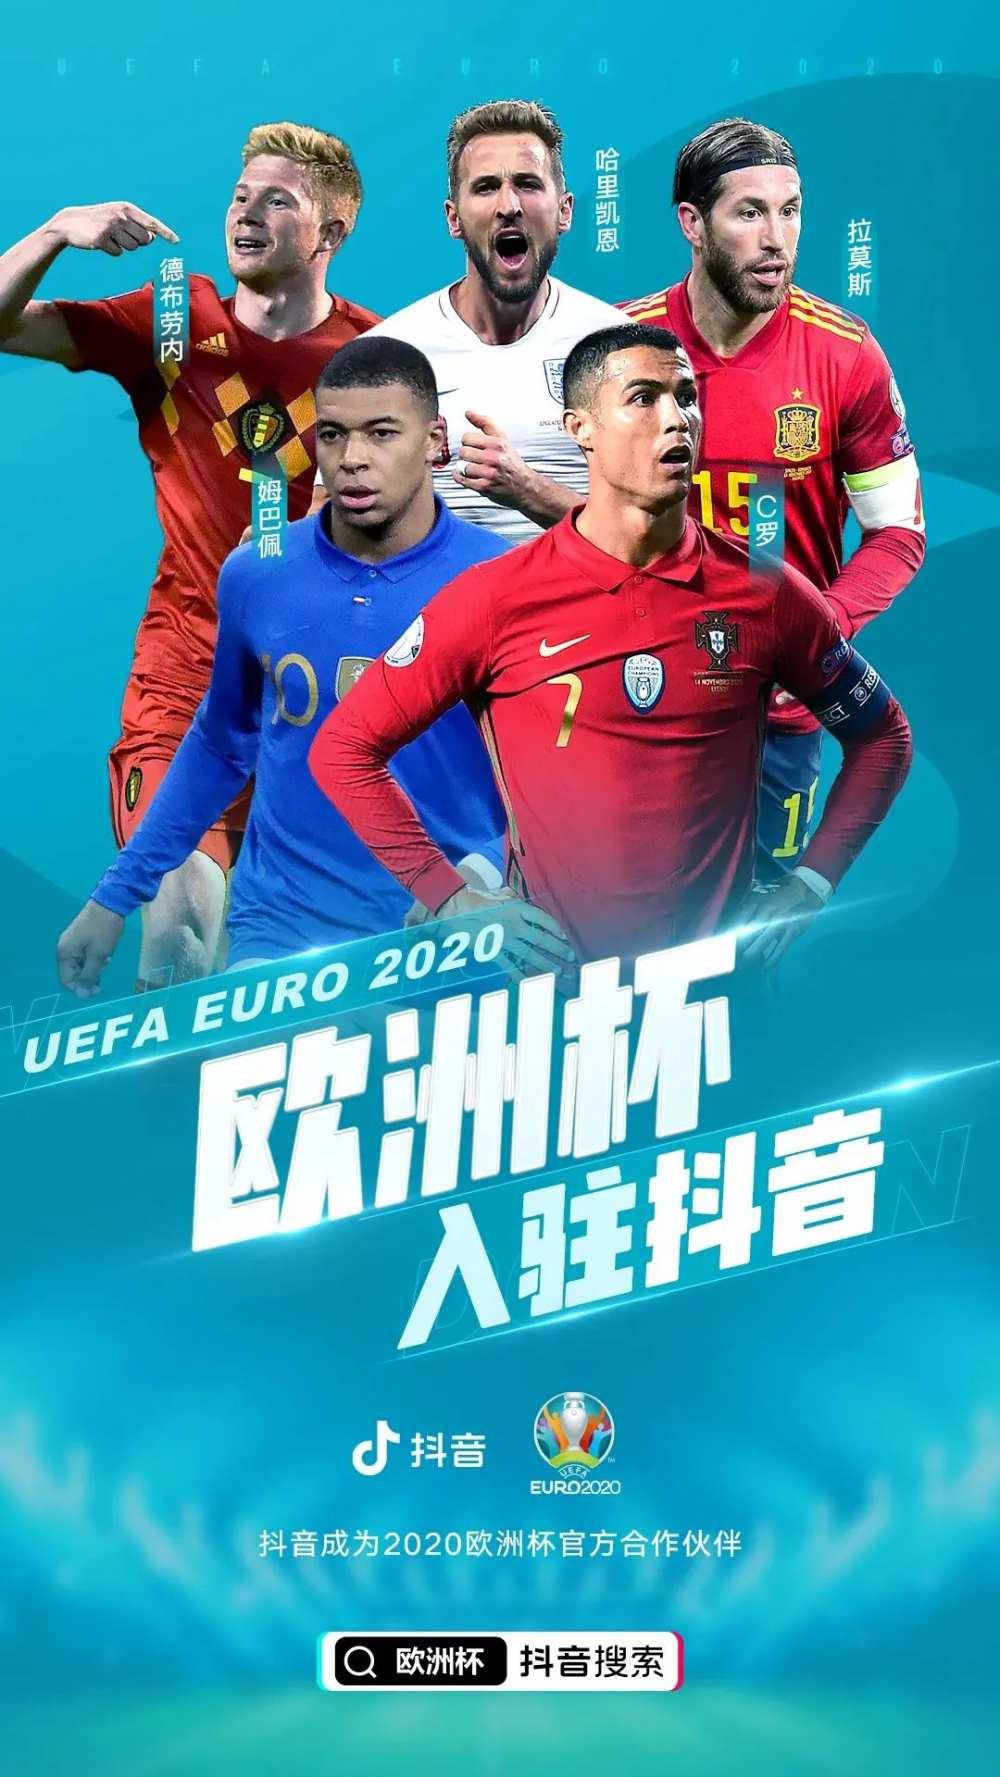 抖音成为2020欧洲杯赛事官方合作伙伴 | 新榜情报